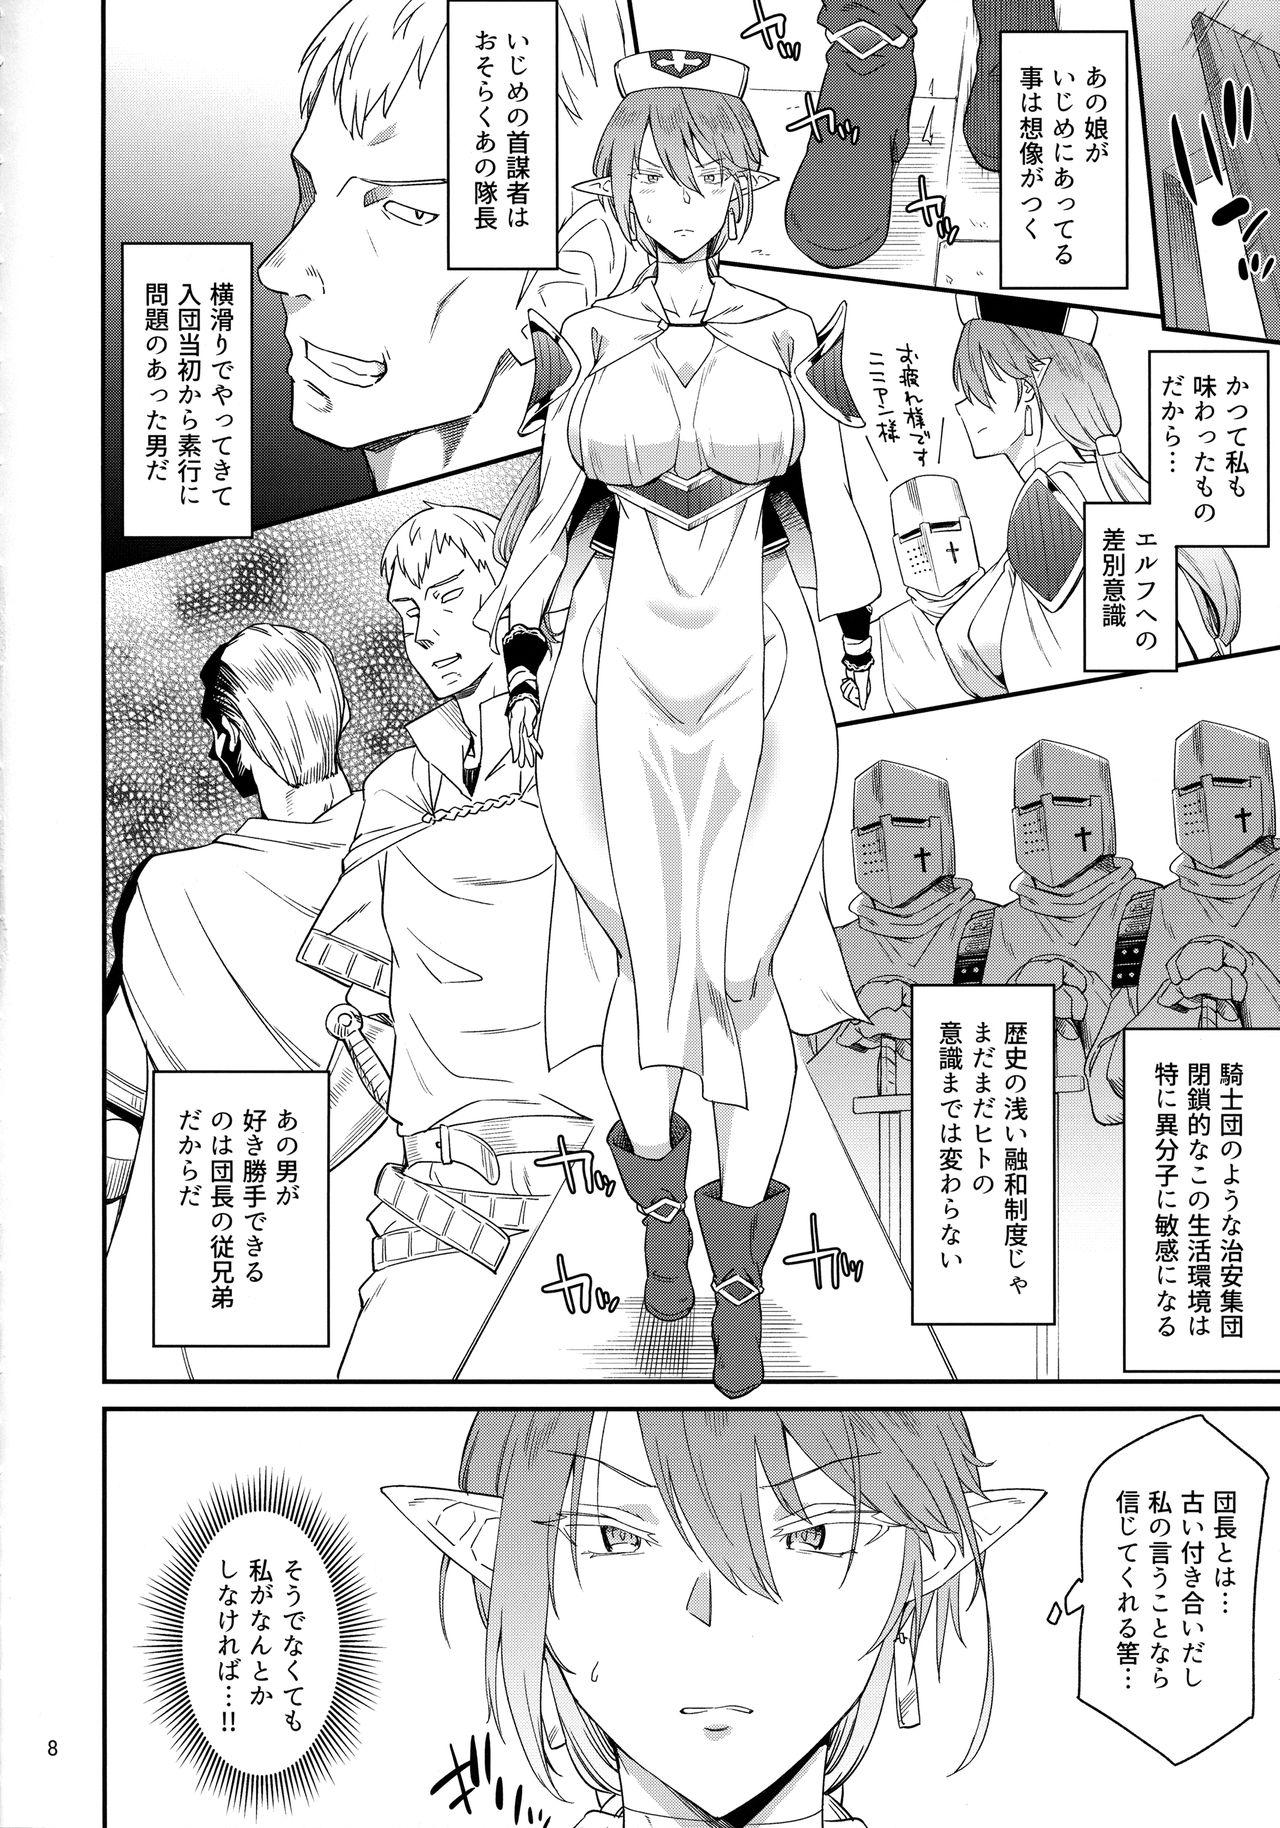 Elf no Seishokusha Ninian 5